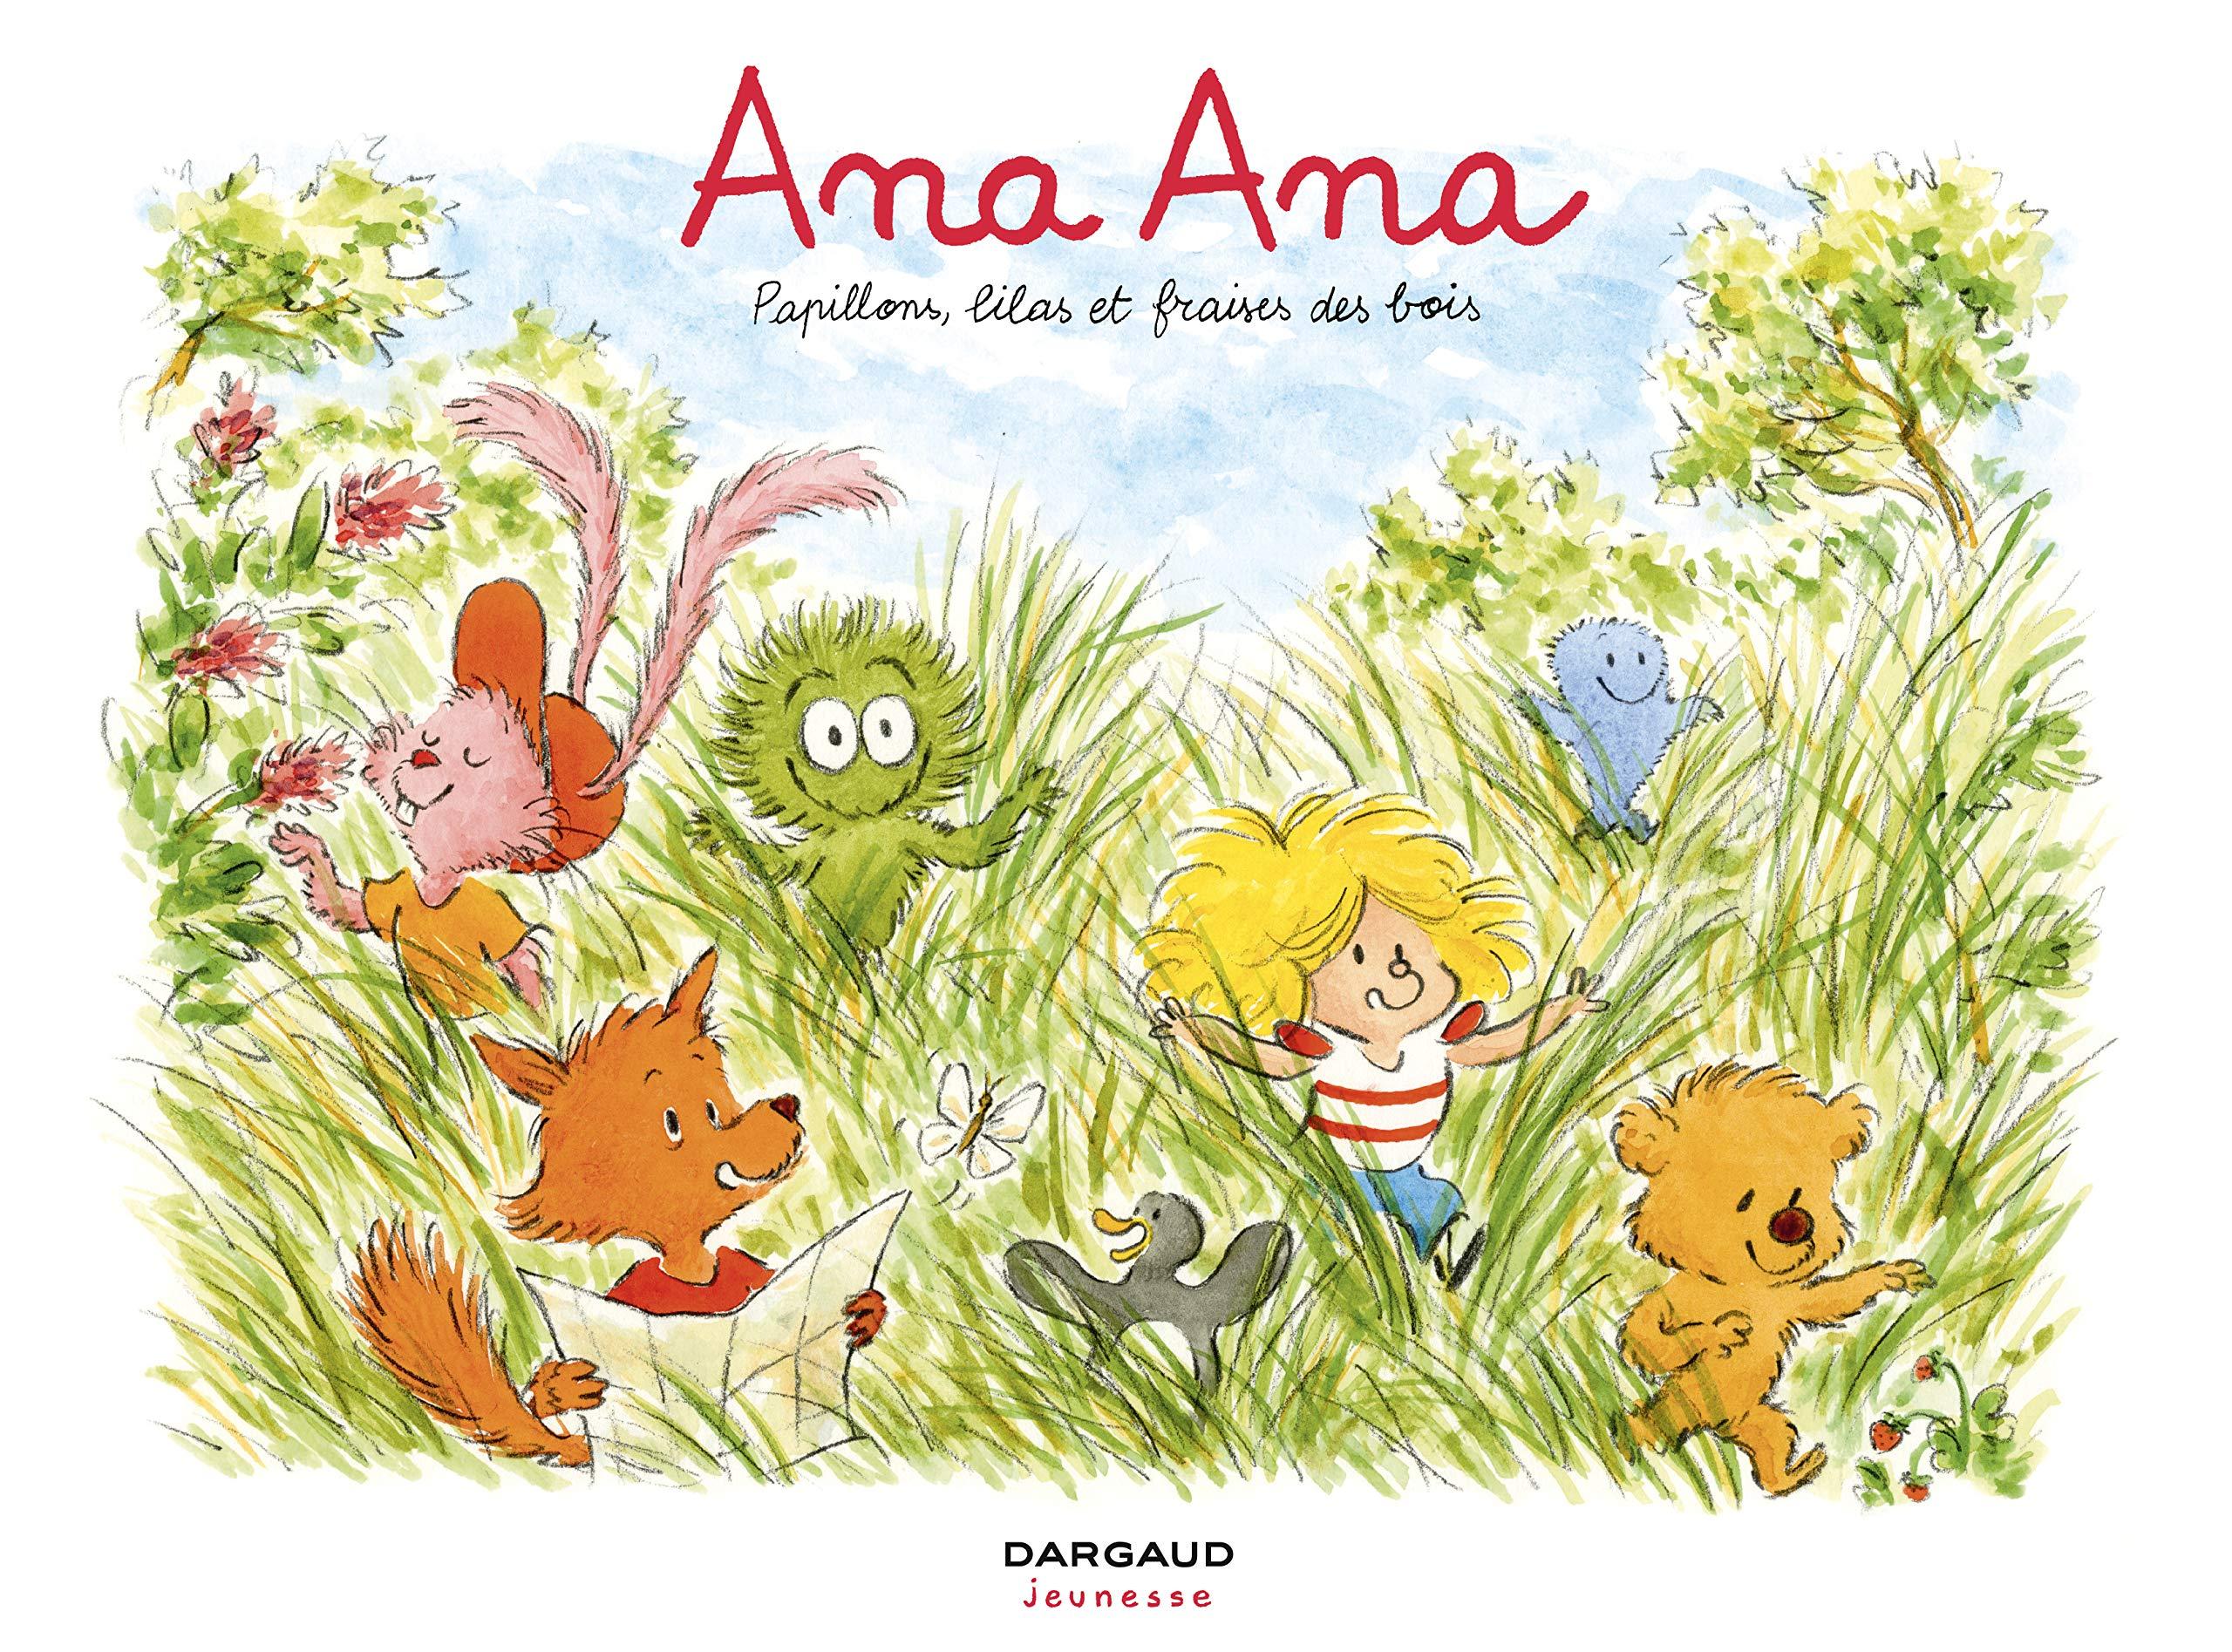 Ana Ana 13 - Papillons, lilas et fraises des bois